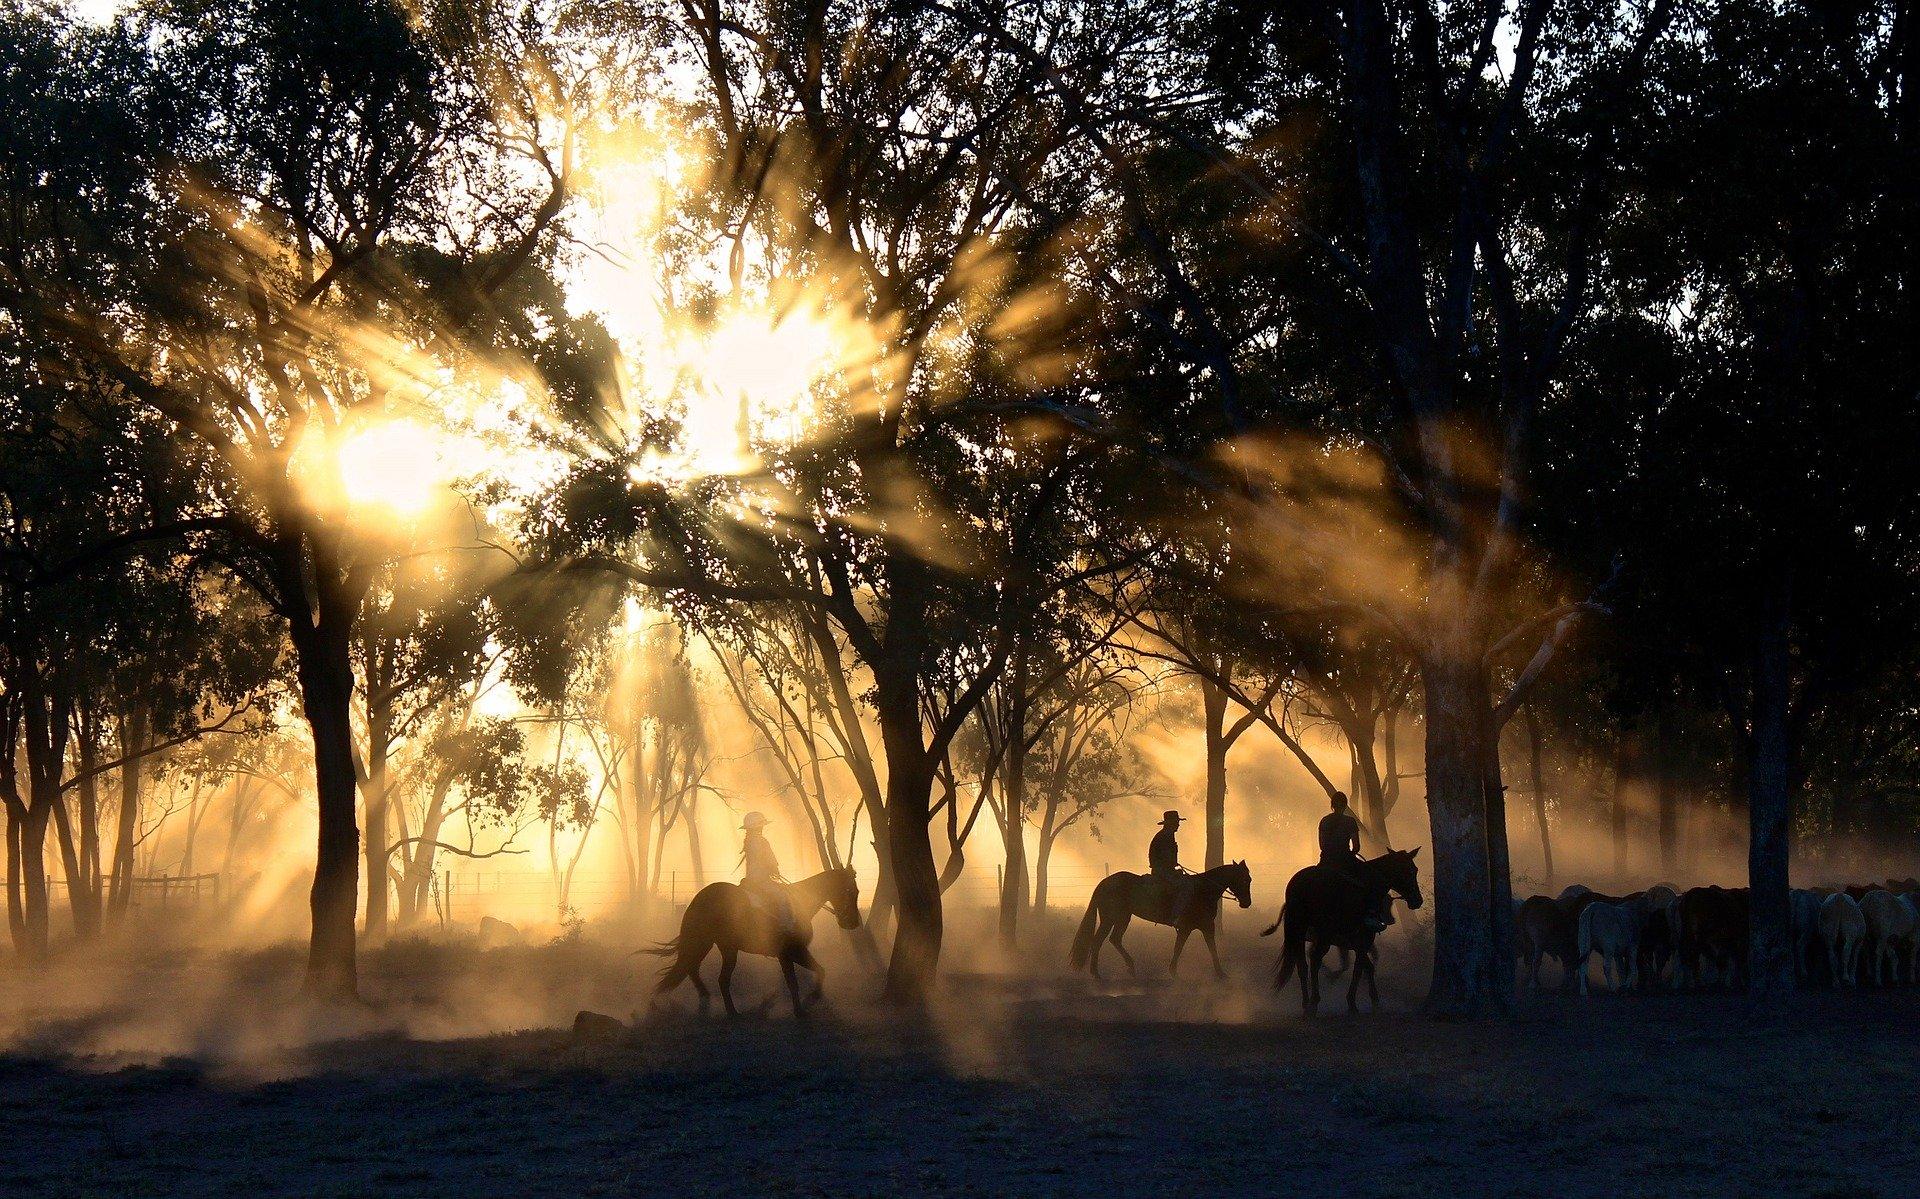 chevaux a vendre bois soleil